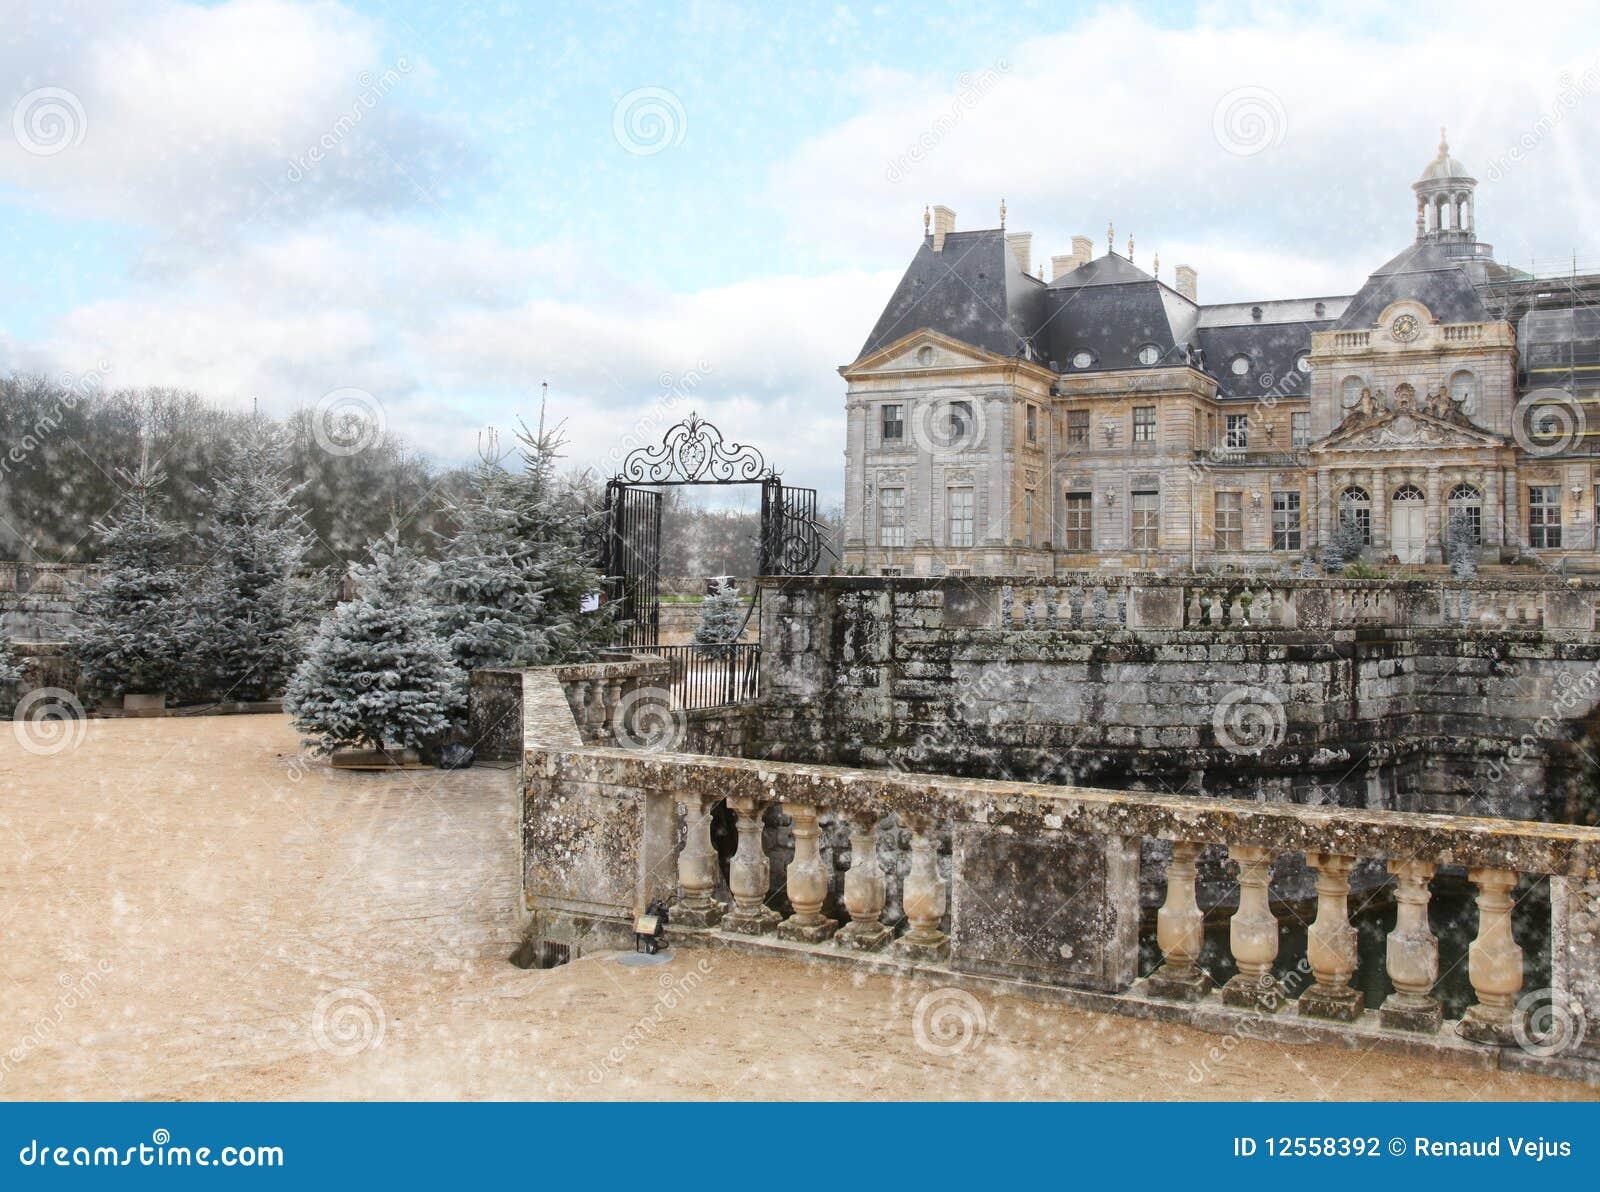 Château vaux le vicomte en hiver